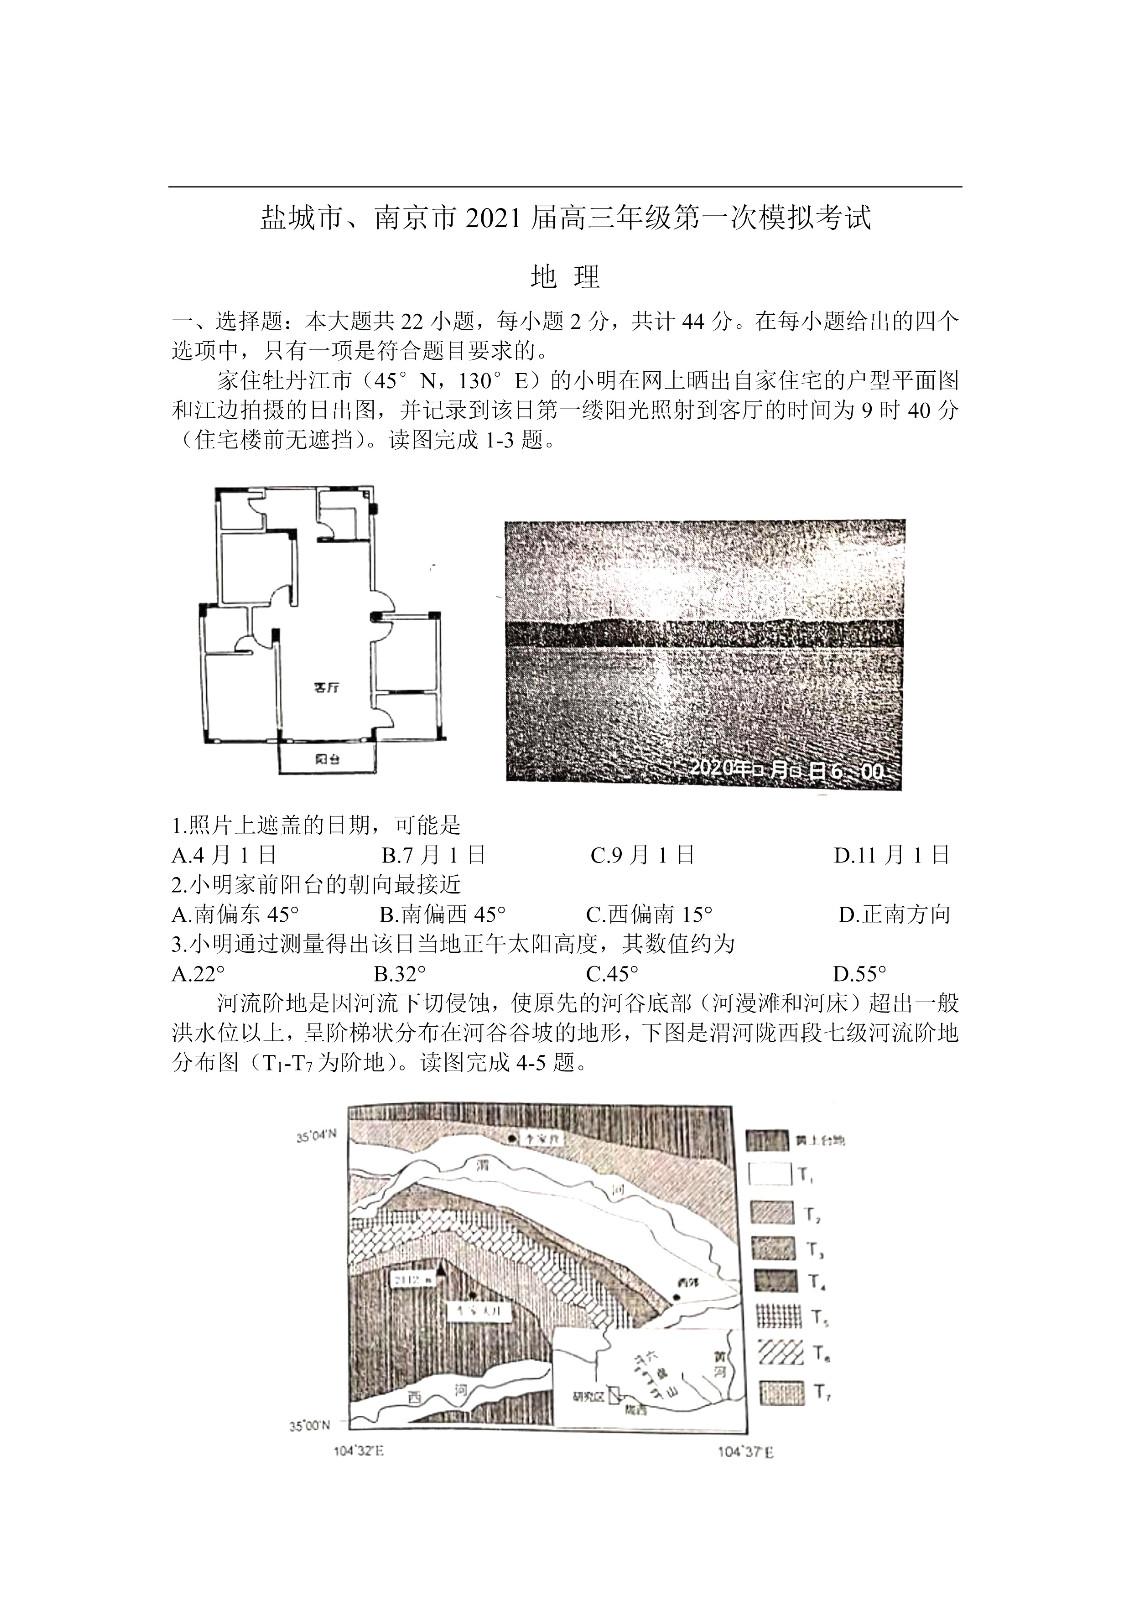 南京市、盐城市2021届高三第一次模拟考试地理试卷及答案